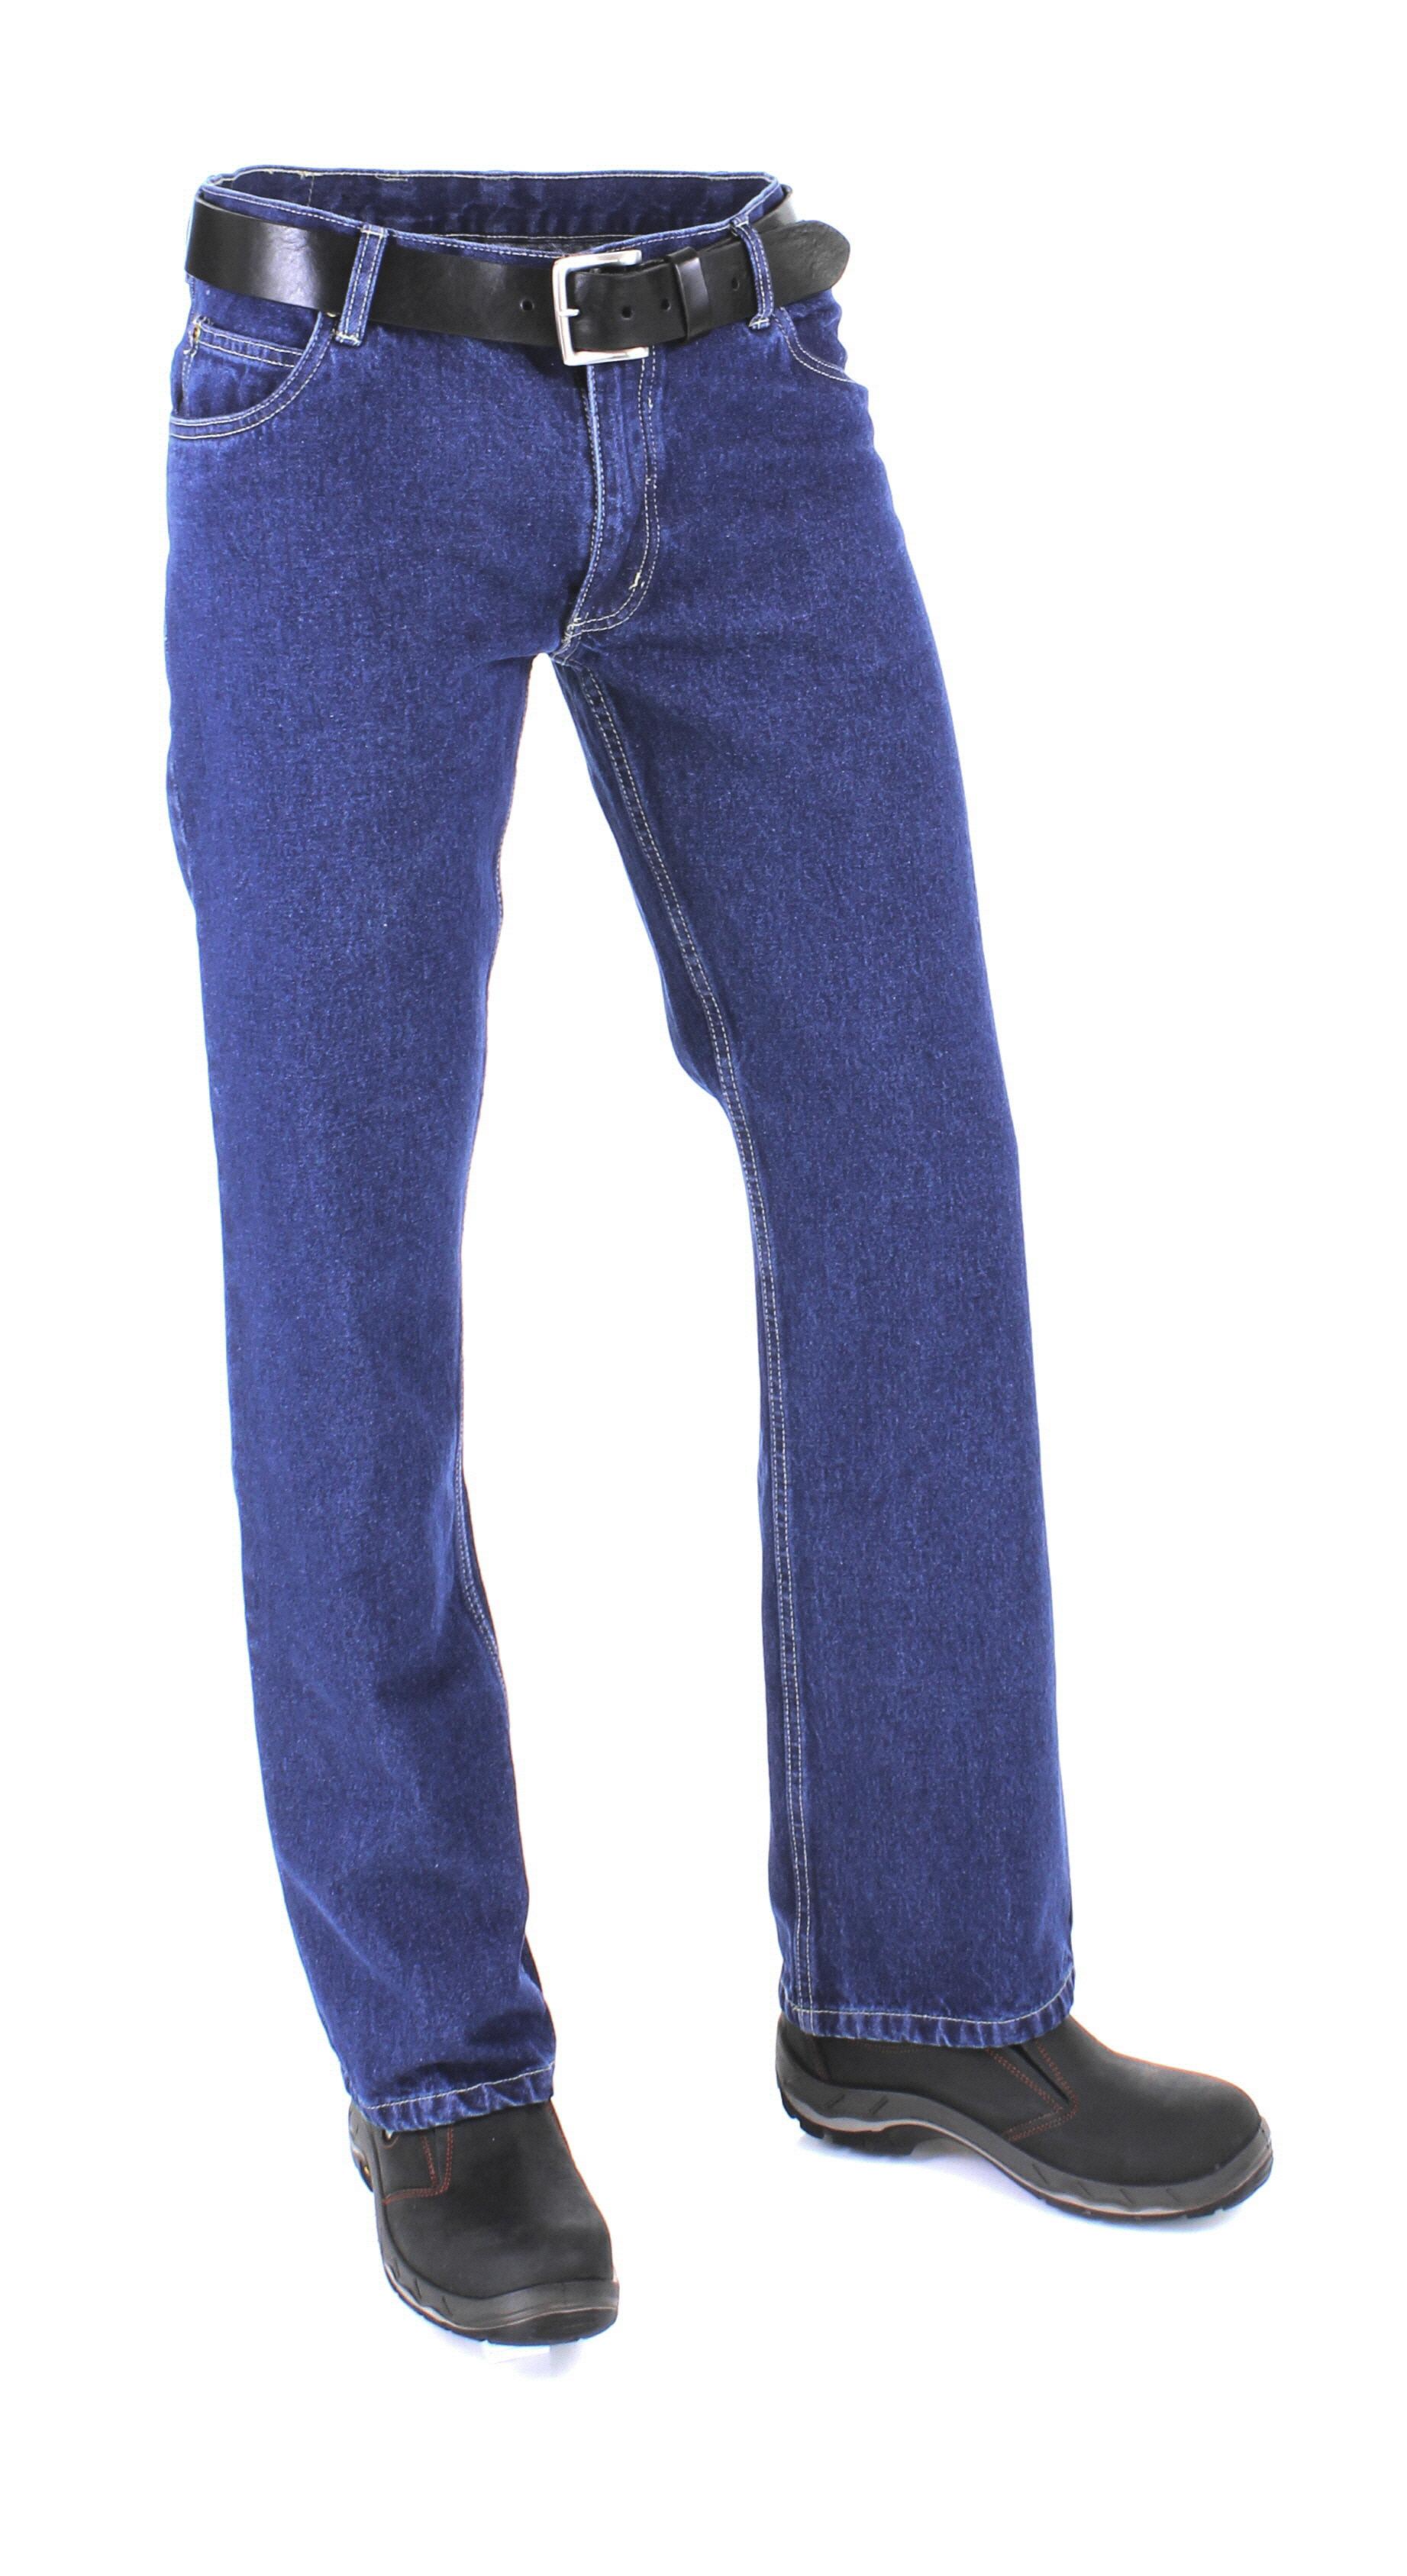 Bas | BASic Jeans - Werkjeans